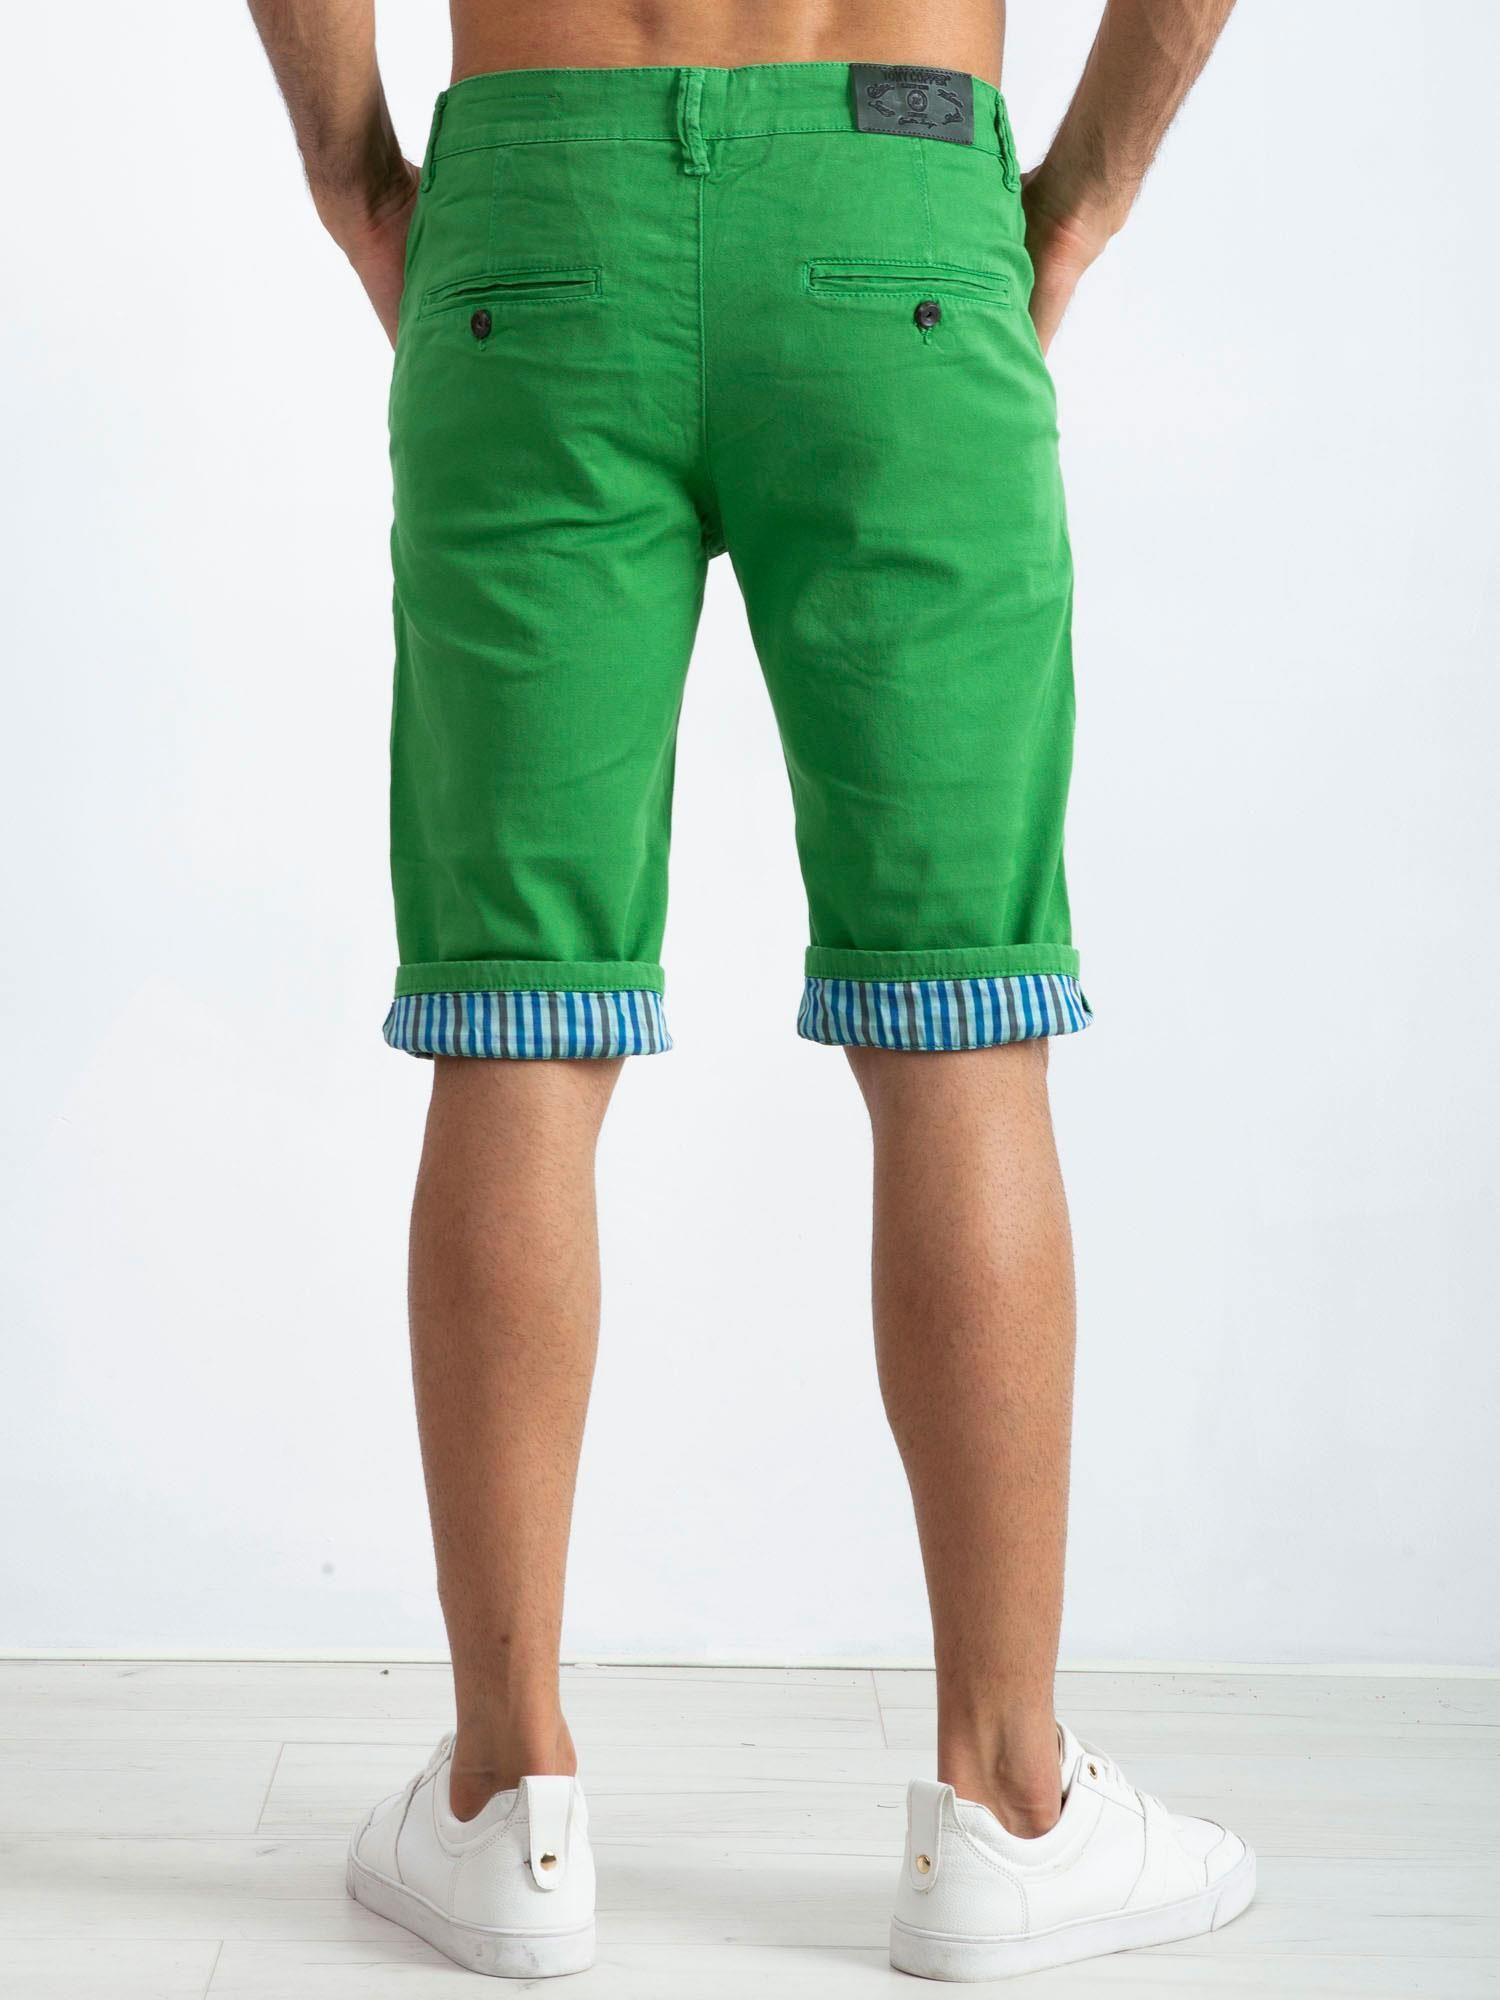 18cd7e7c Zielone spodenki męskie Austin - Mężczyźni Spodenki męskie - sklep ...